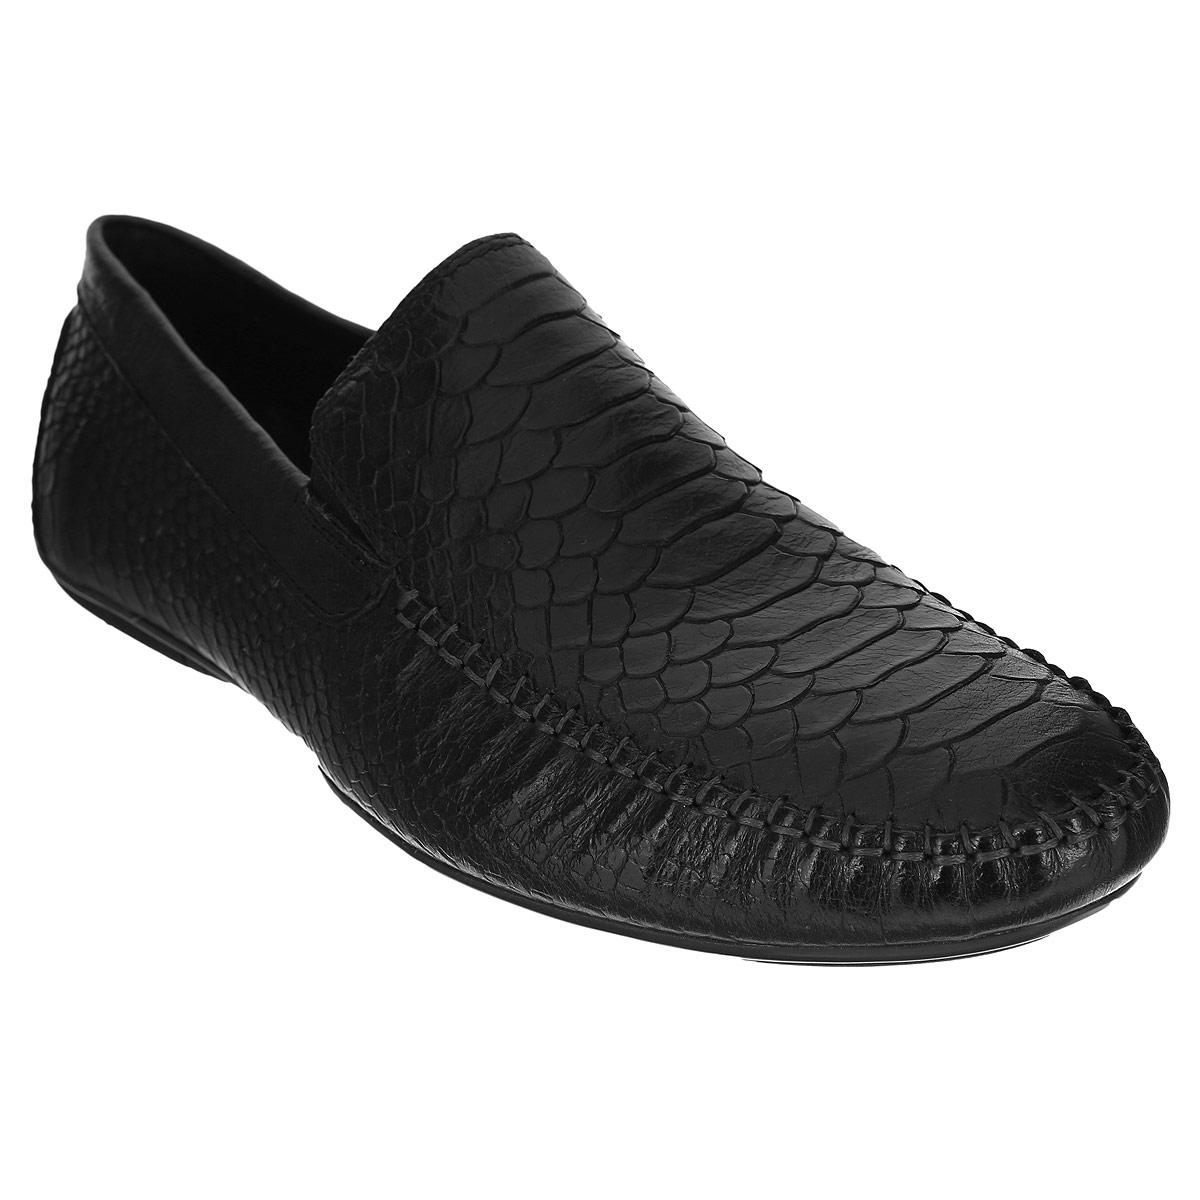 109-08-34Элегантные мужские полуботинки от Dino Ricci не оставят вас равнодушным! Модель стилизована под мокасины и выполнена из натуральной кожи с тиснением под рептилию. Обувь оформлена внешними декоративными швами на мысе. Резинки, расположенные на подъеме, гарантируют оптимальную посадку модели на ноге. Съемная стелька EVA с внешней поверхностью из натуральной кожи комфортна при движении. Прочная подошва, дополненная рифлением, не скользит. Стильные полуботинки займут достойное место среди вашей коллекции обуви.